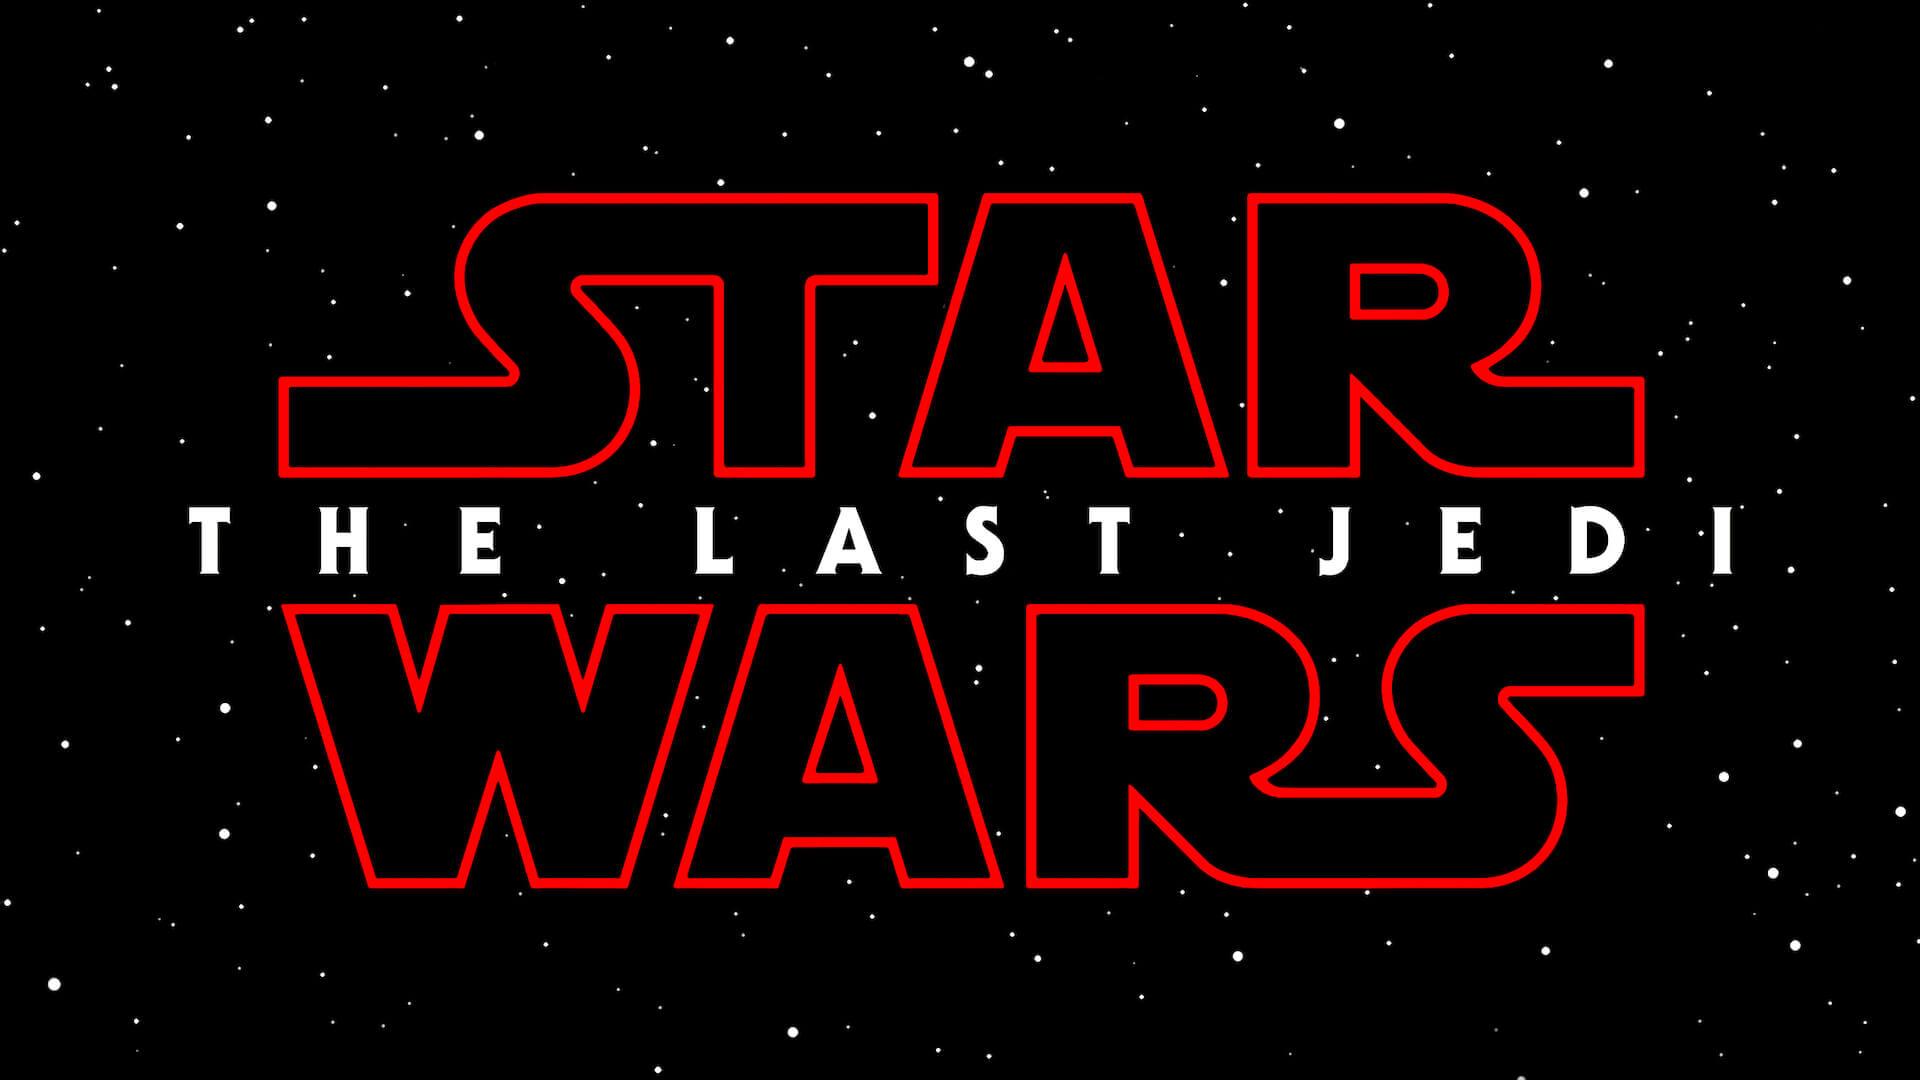 Disney, Star Wars: The Last Jedi